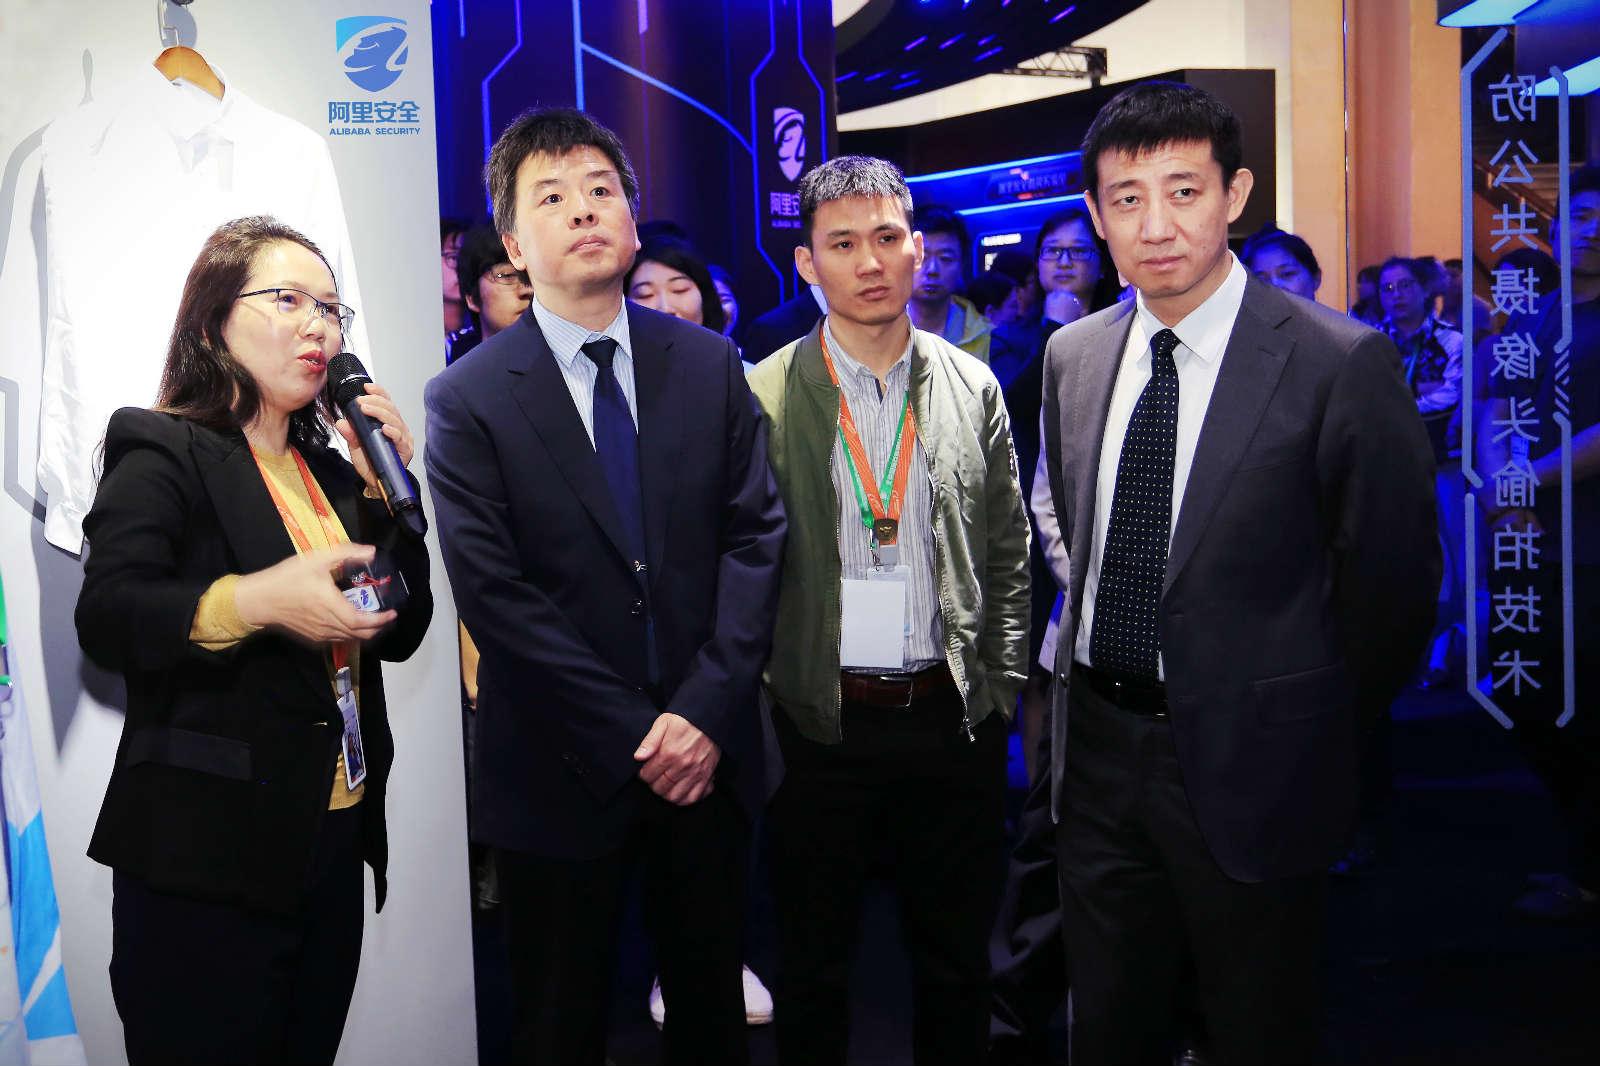 4月27日,阿里巴巴集团首席风险官郑俊芳(左一)在阿里展区向公安部网络安全保卫局副局长钟忠(左二)、北京市公安局副局长张健(右一)介绍阿里安全八大实验室的核心技术能力_meitu_6